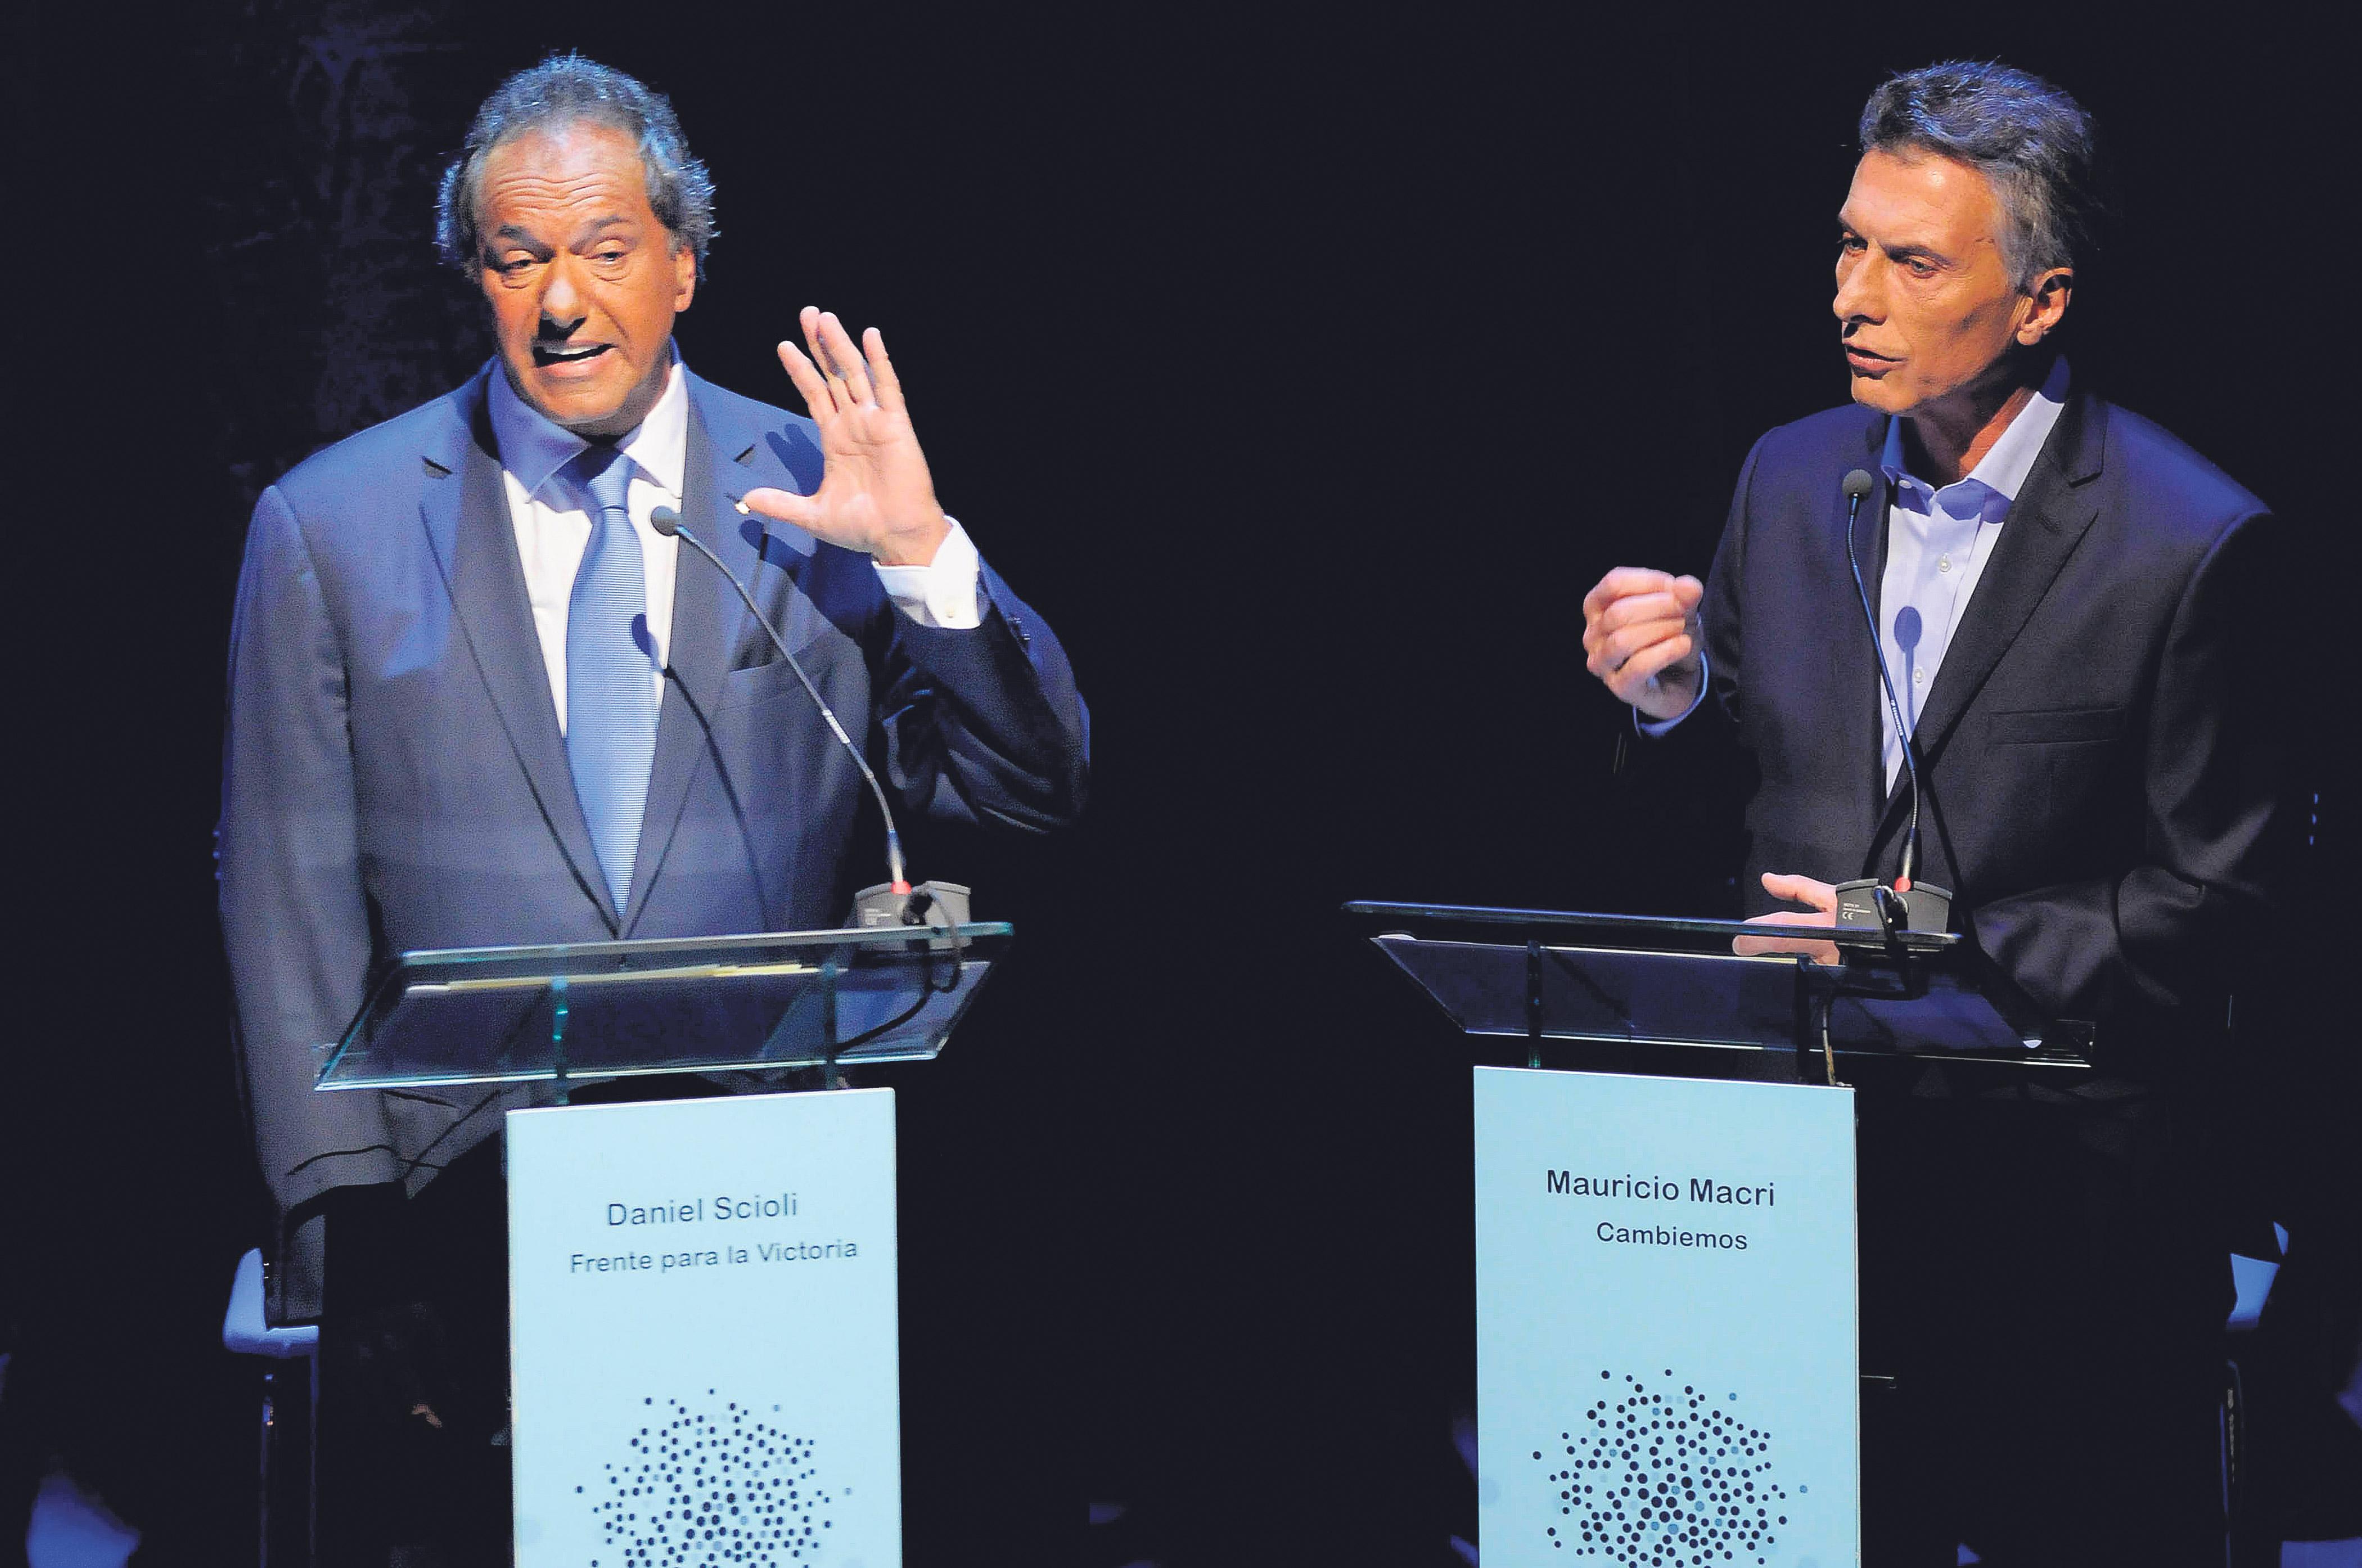 """""""Estás haciendo de vocero de lo que yo haría que no voy a hacer, ¿no?, de cosas horribles"""", le dijo Macri a Scioli. (Fuente: DyN)"""